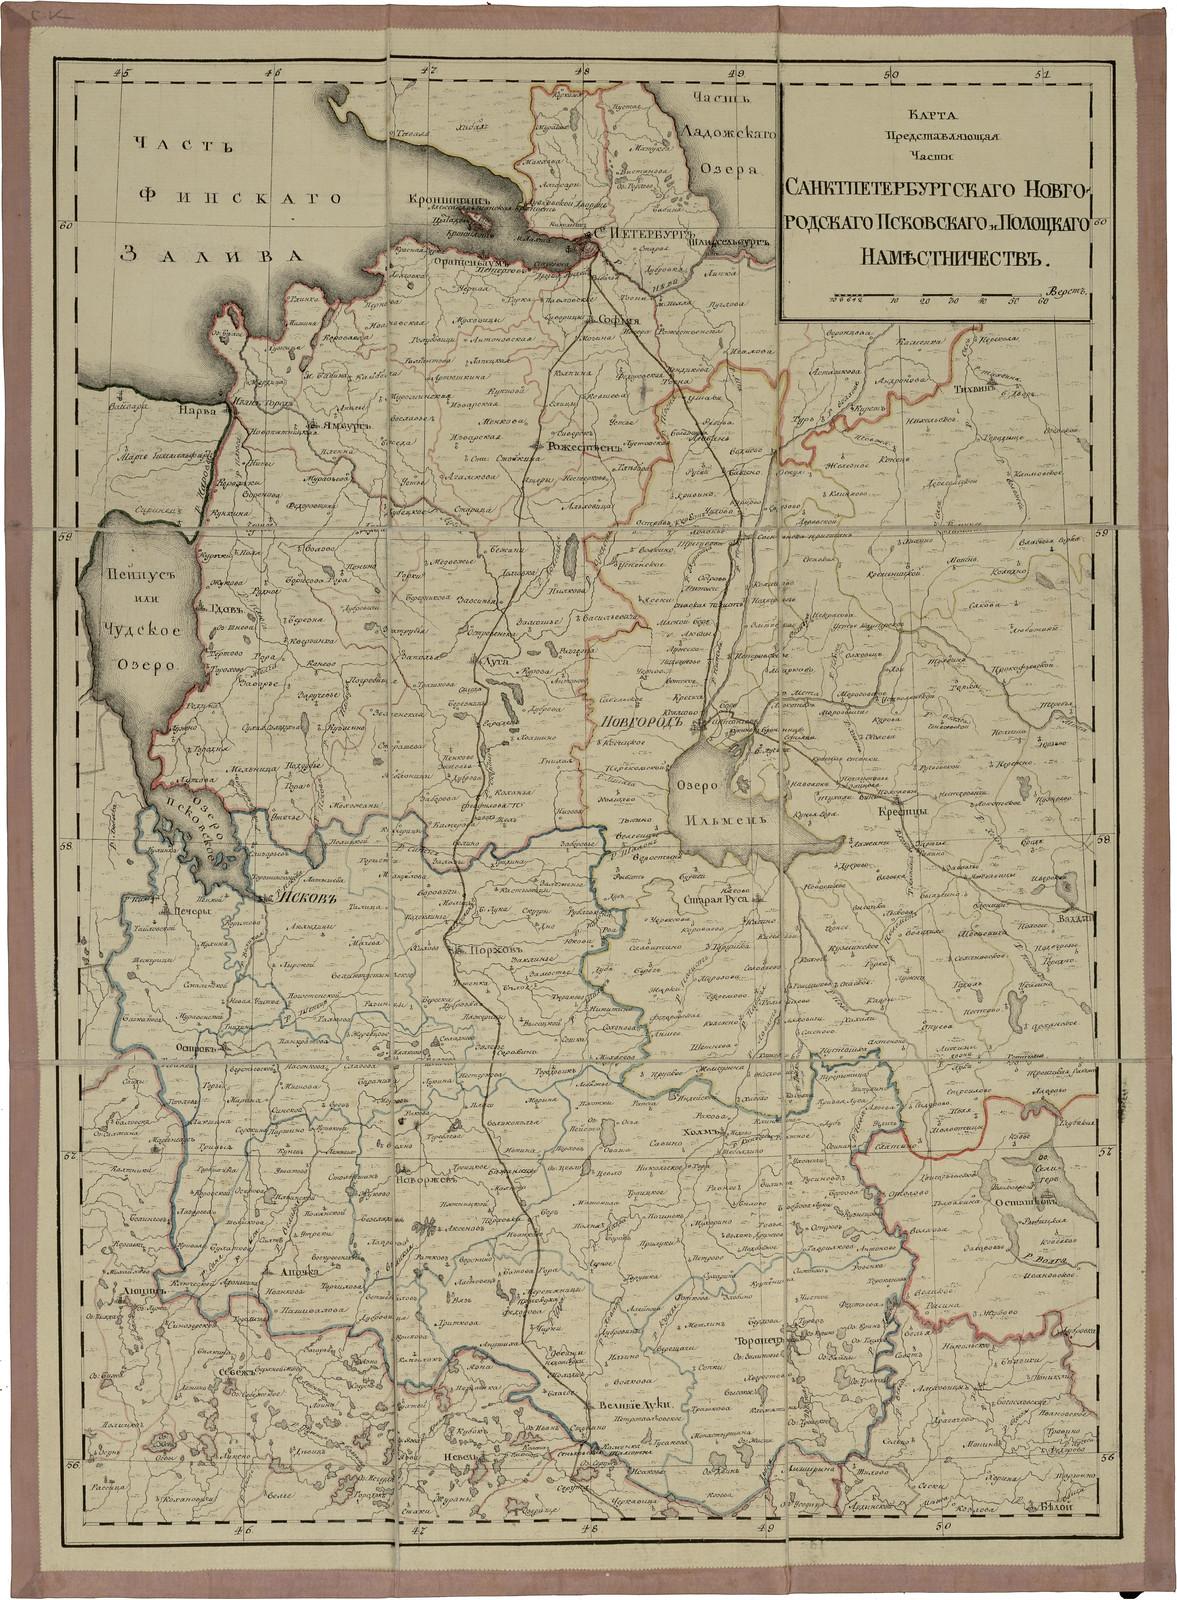 1787.  Собрание карт для путешествия её Императорского Величества. Санктпетербургское и др. наместничества